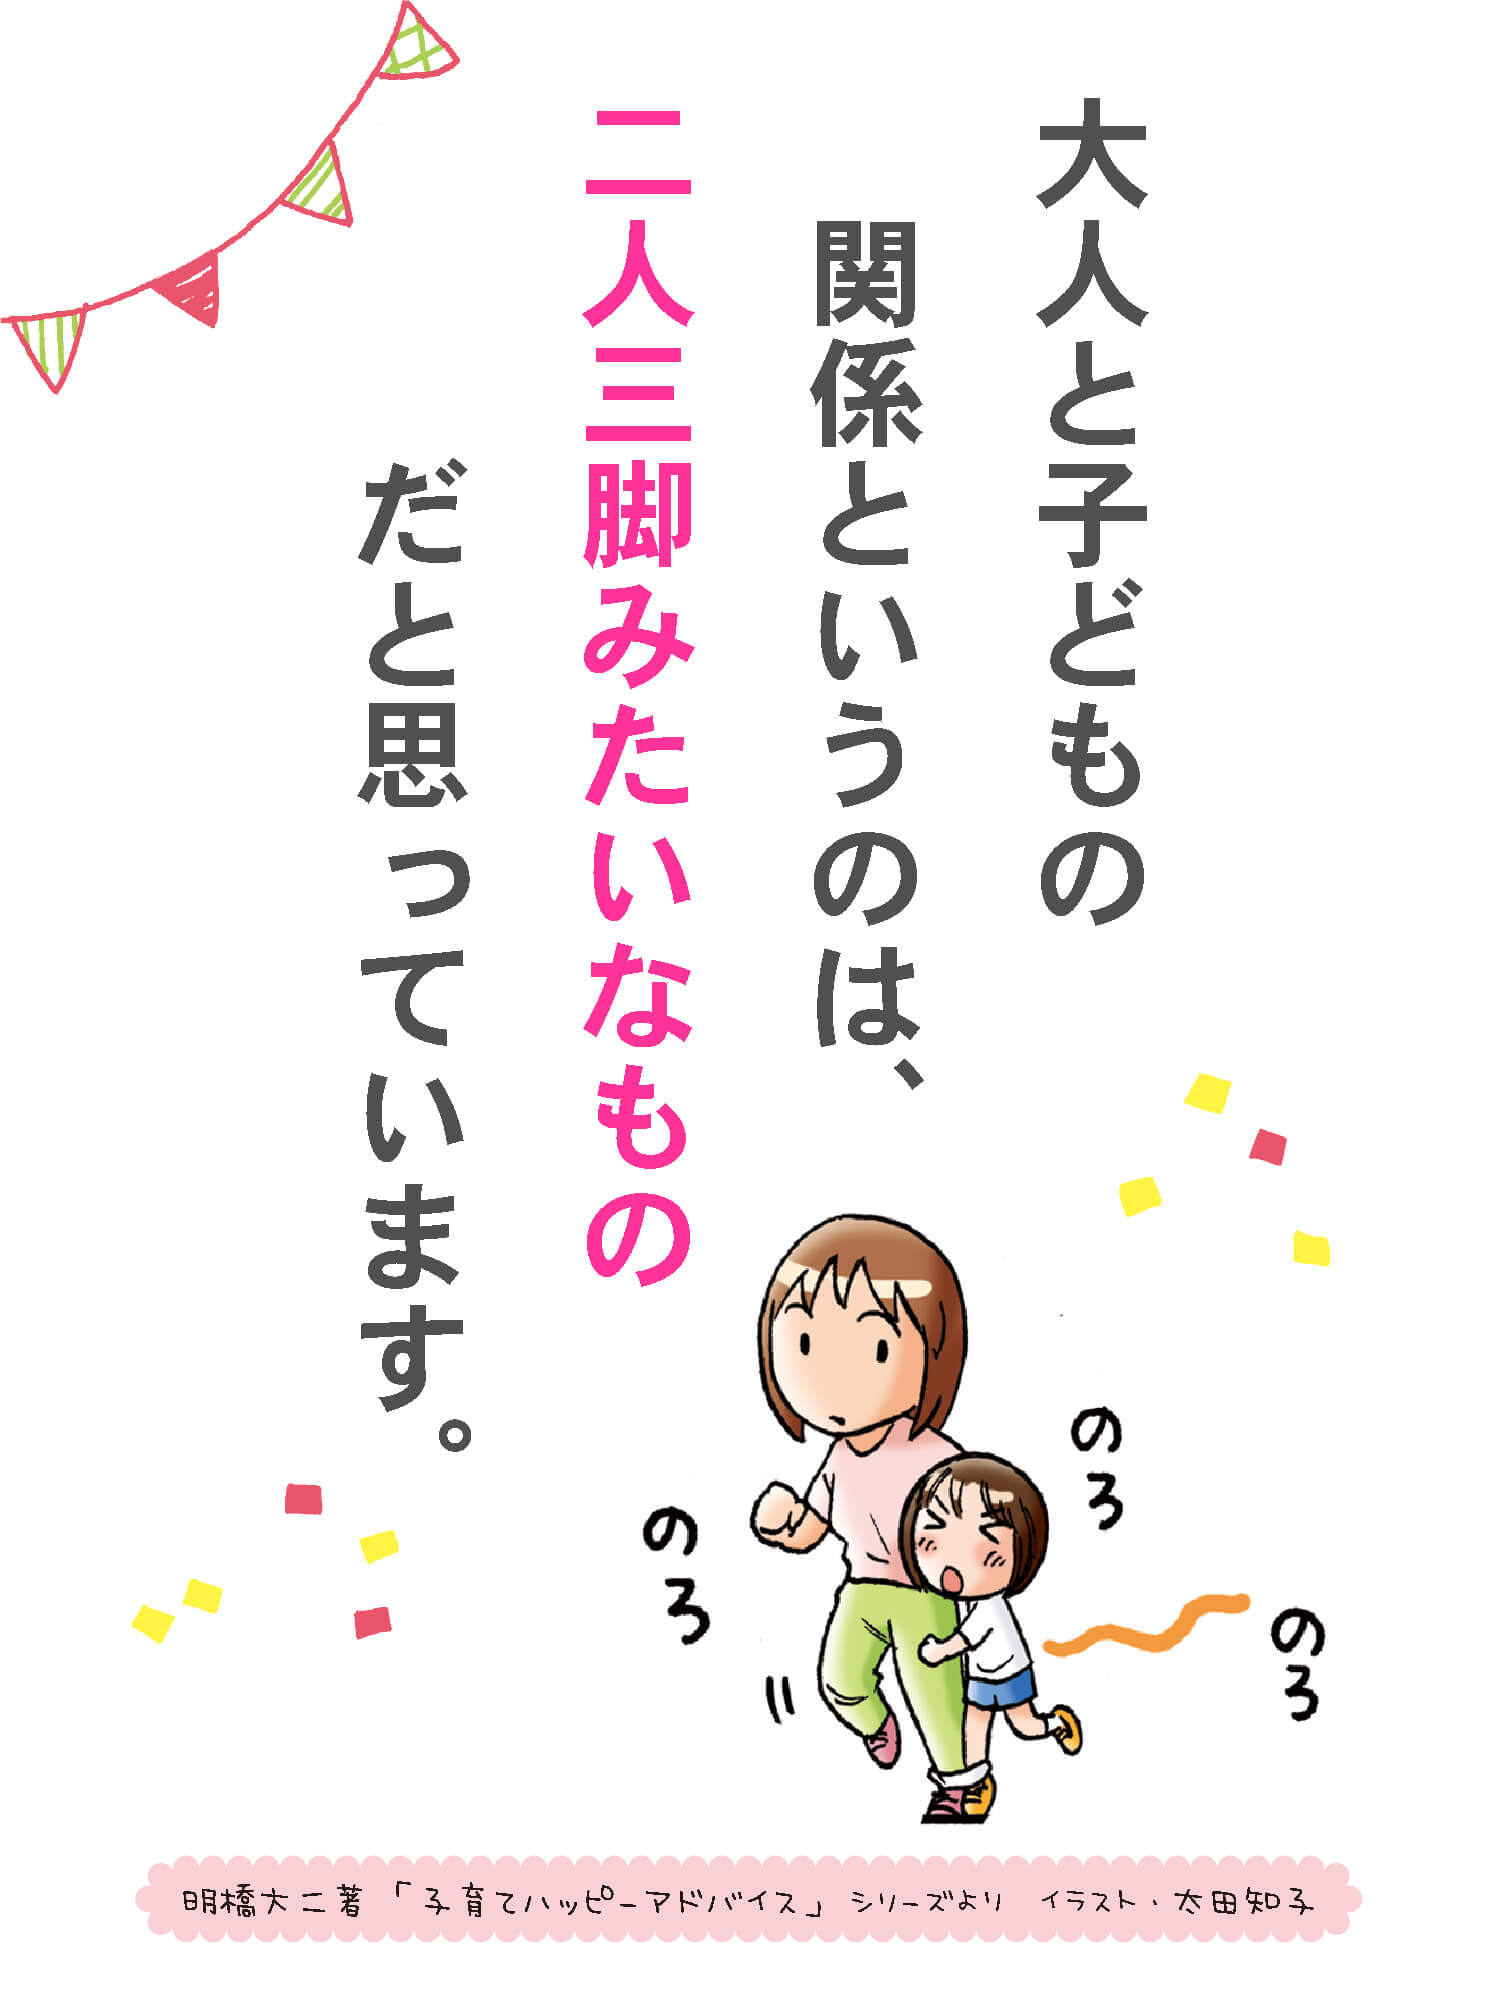 3月27日子育てハッピーメッセージの画像1